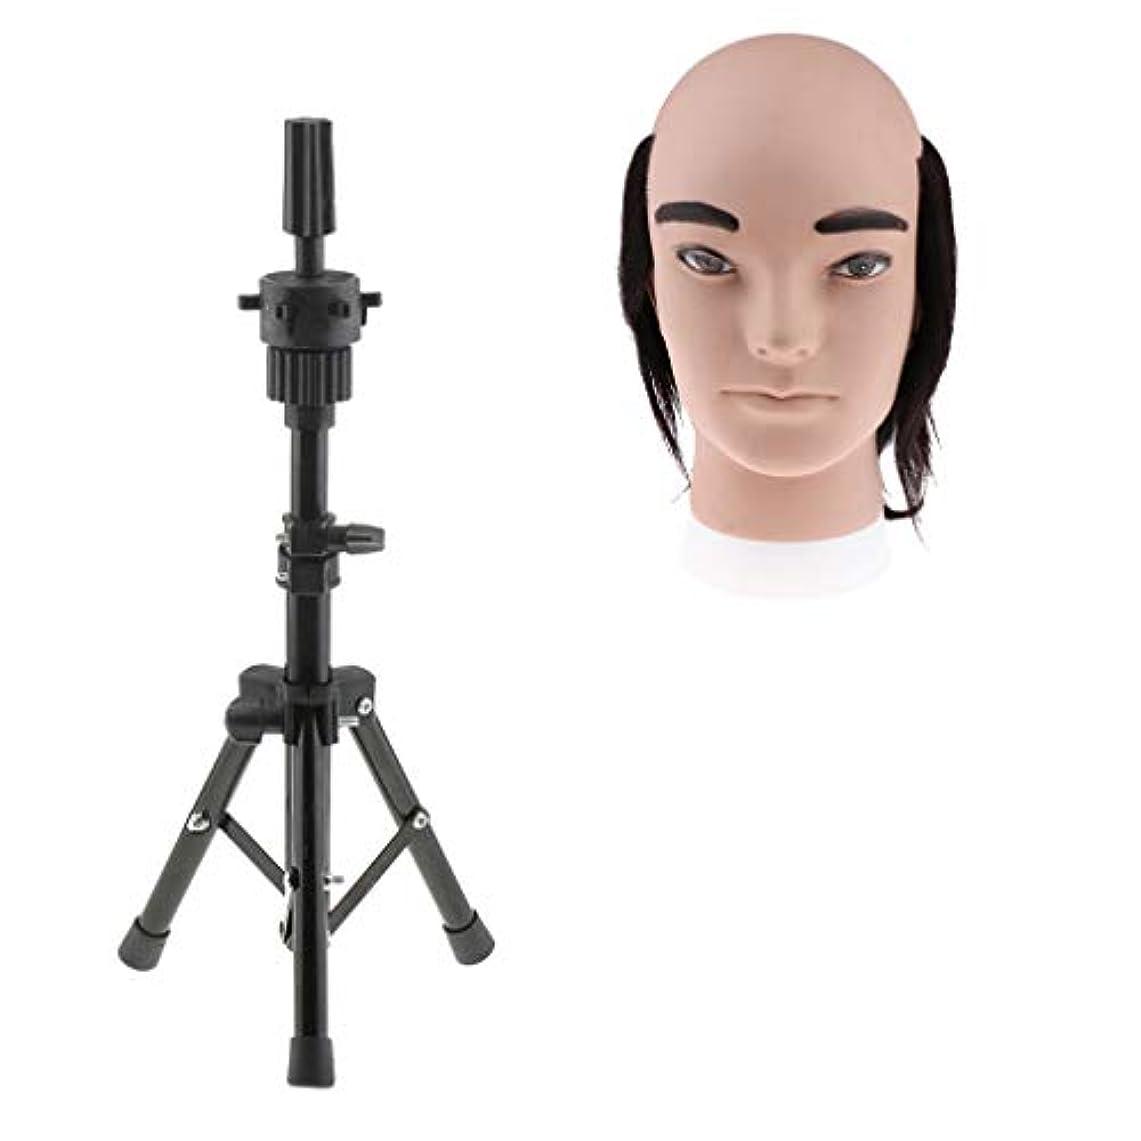 割り当てるモルヒネ醸造所Toygogo 7.9インチ化粧品男性用半Bal型マネキンヘッド理髪店スタイリングカッティングウィービングスタイリング三脚スタンド